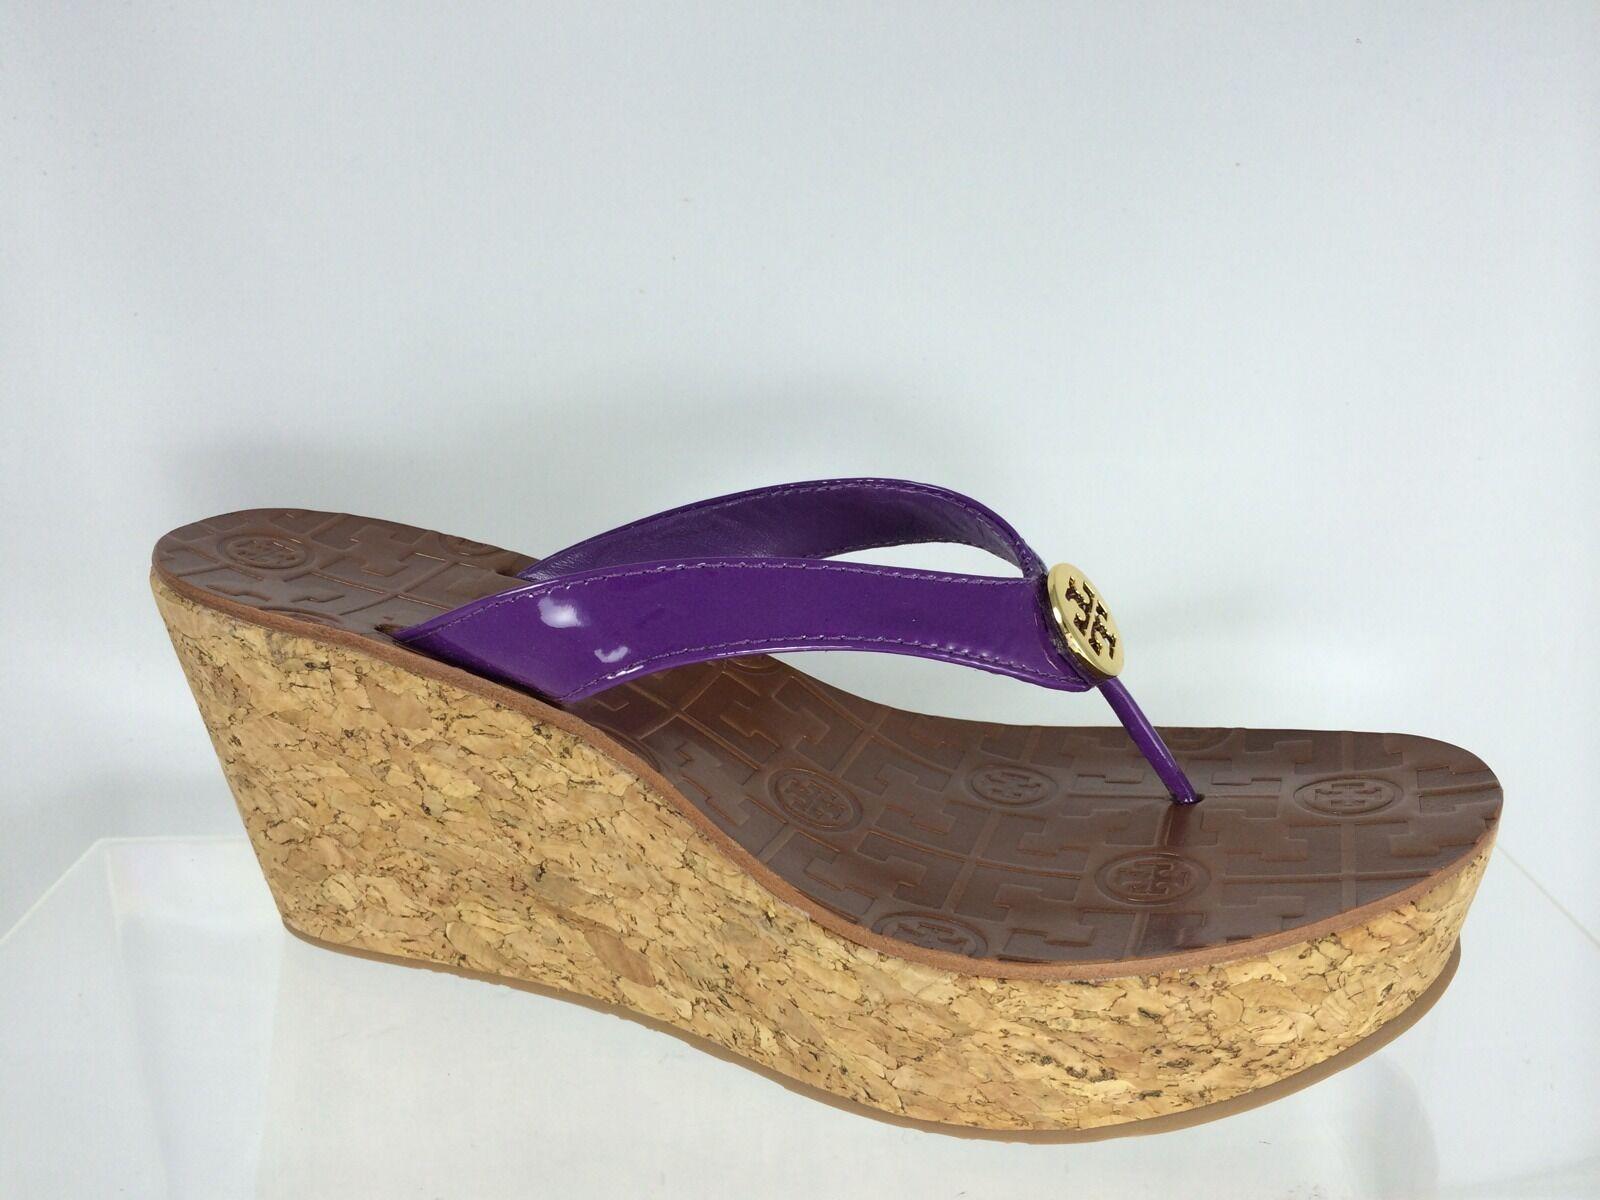 Tory Tory Tory Burch Mujer Morado Charol Cuña Con Logotipo Dorado Zapatos 9.5  punto de venta